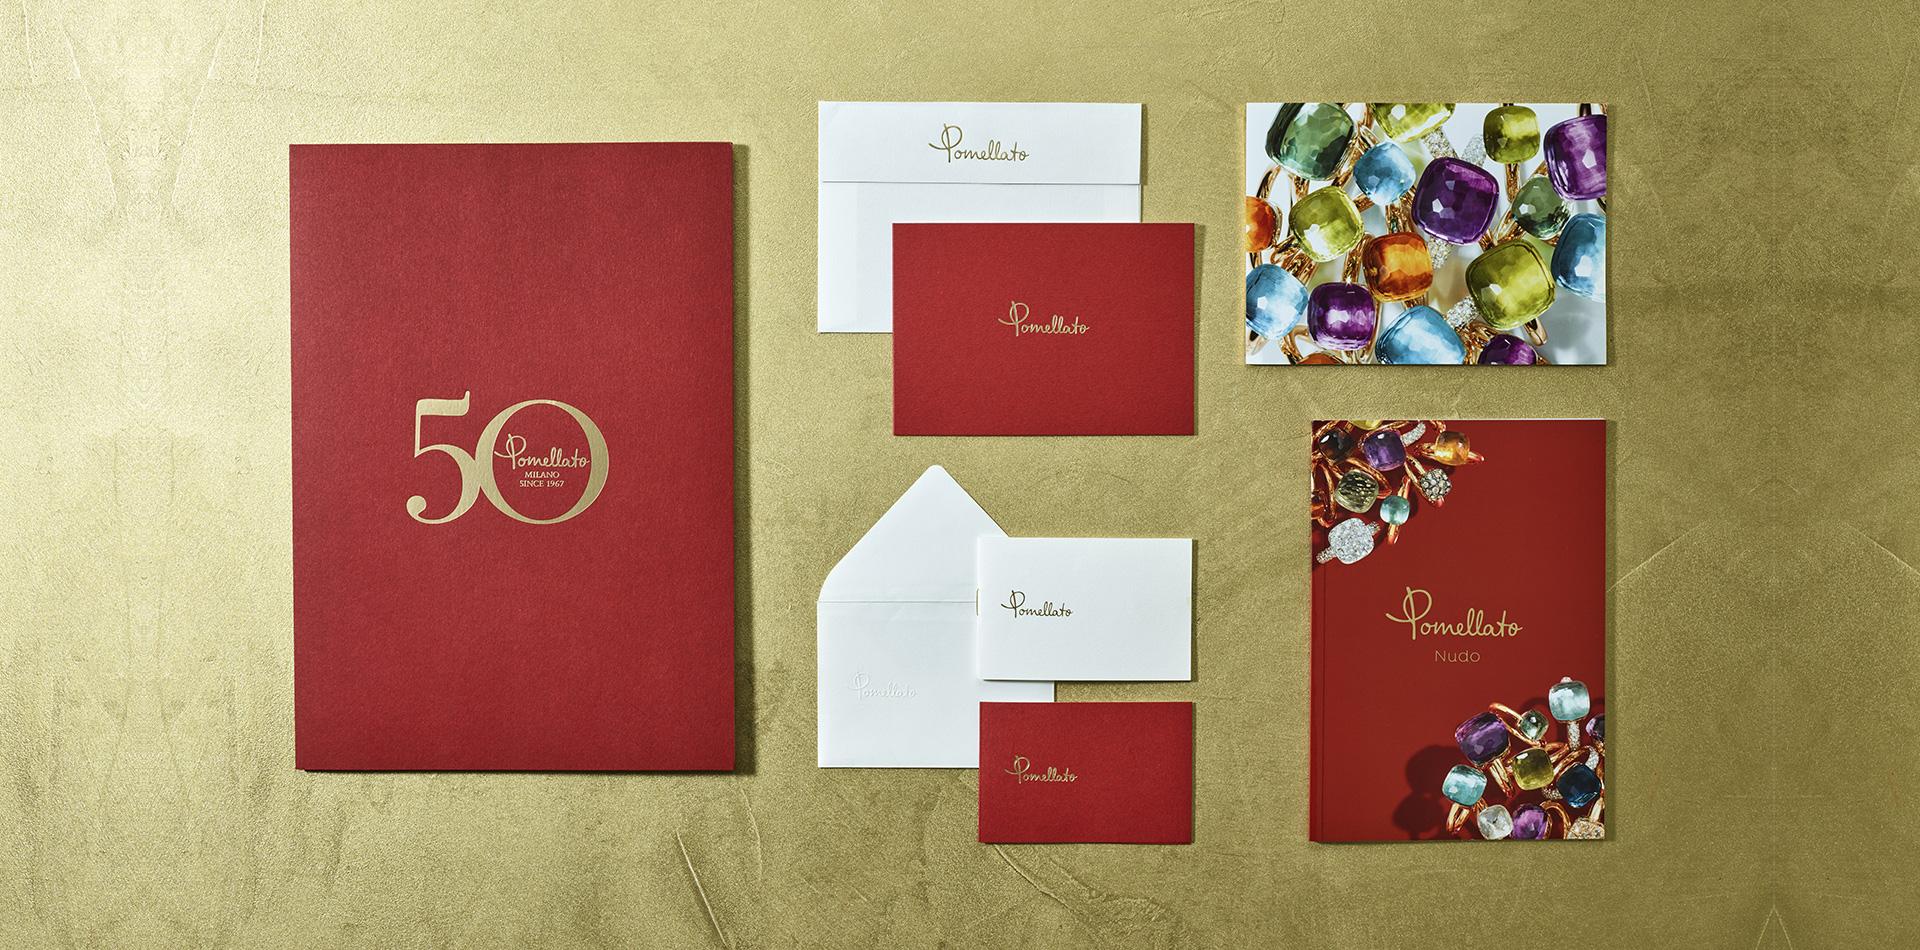 Stampa di brochure, biglietti da visita, etichette, merchandising, volantini...